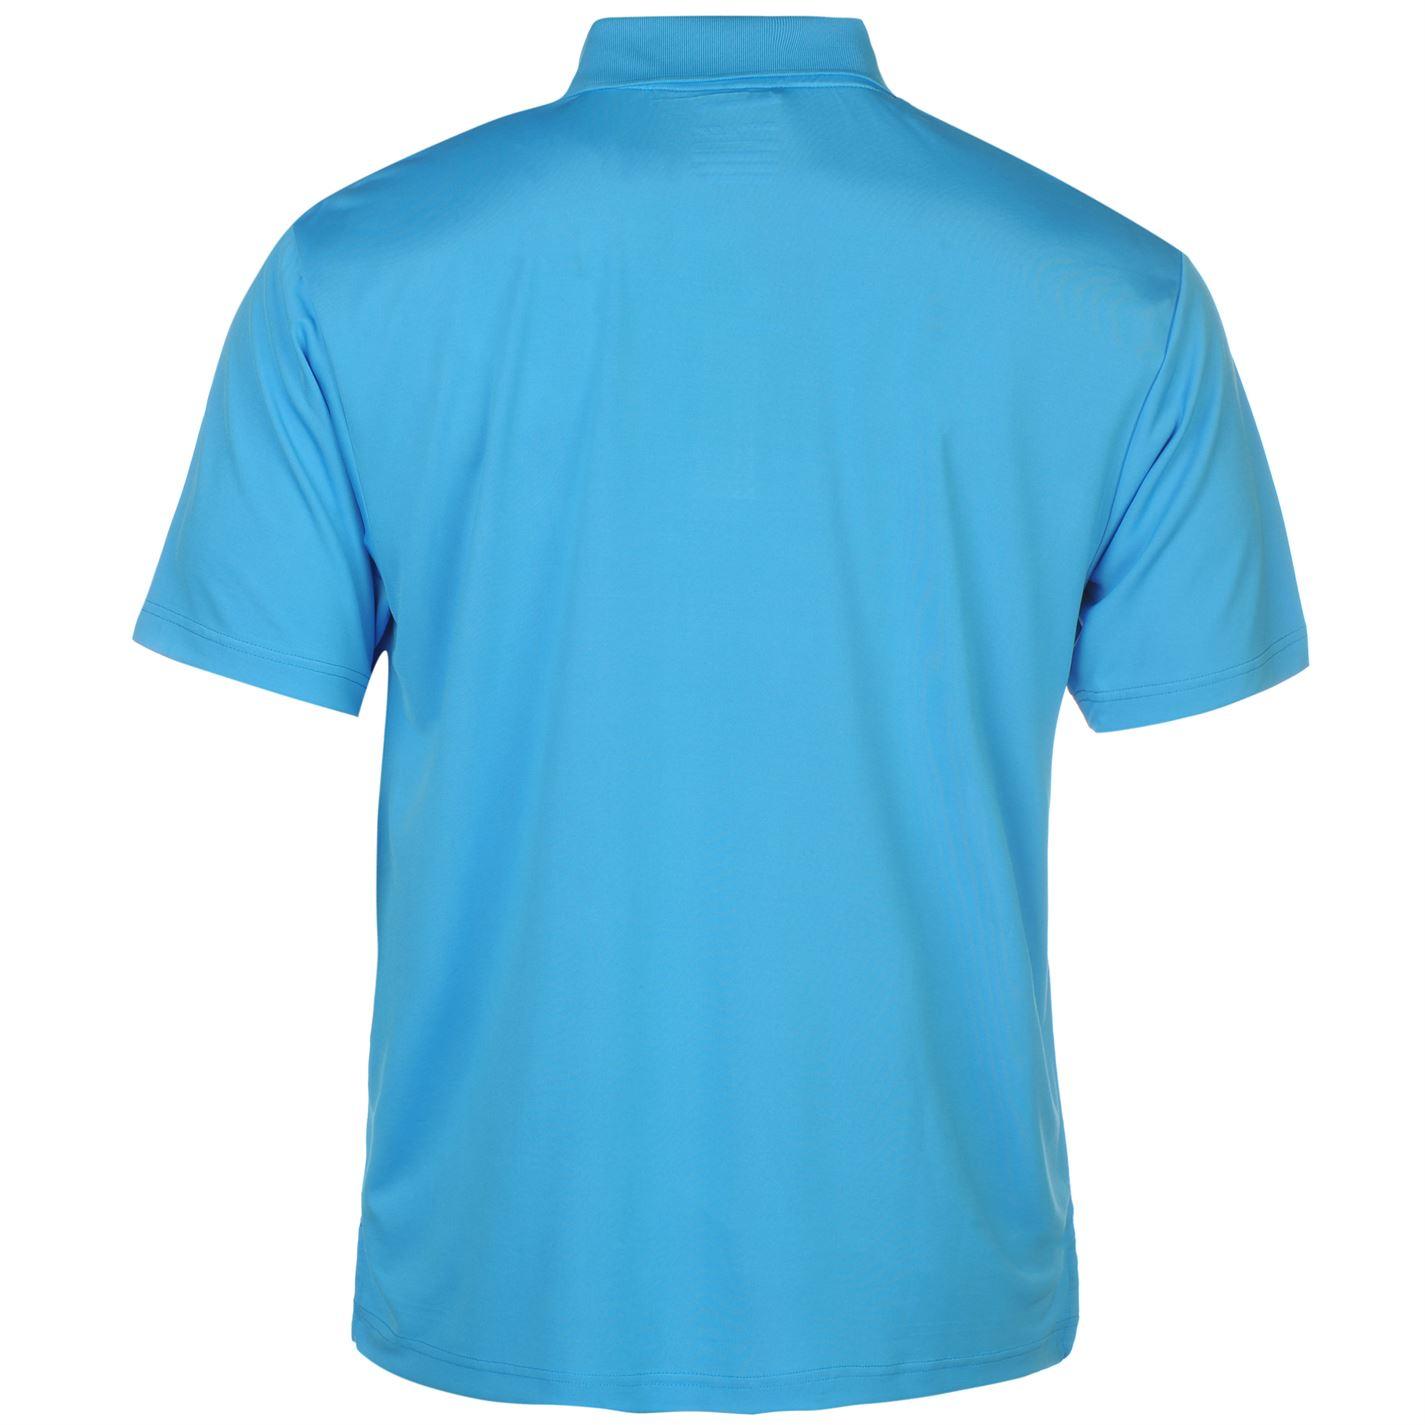 Camiseta Dunlop asul aqua